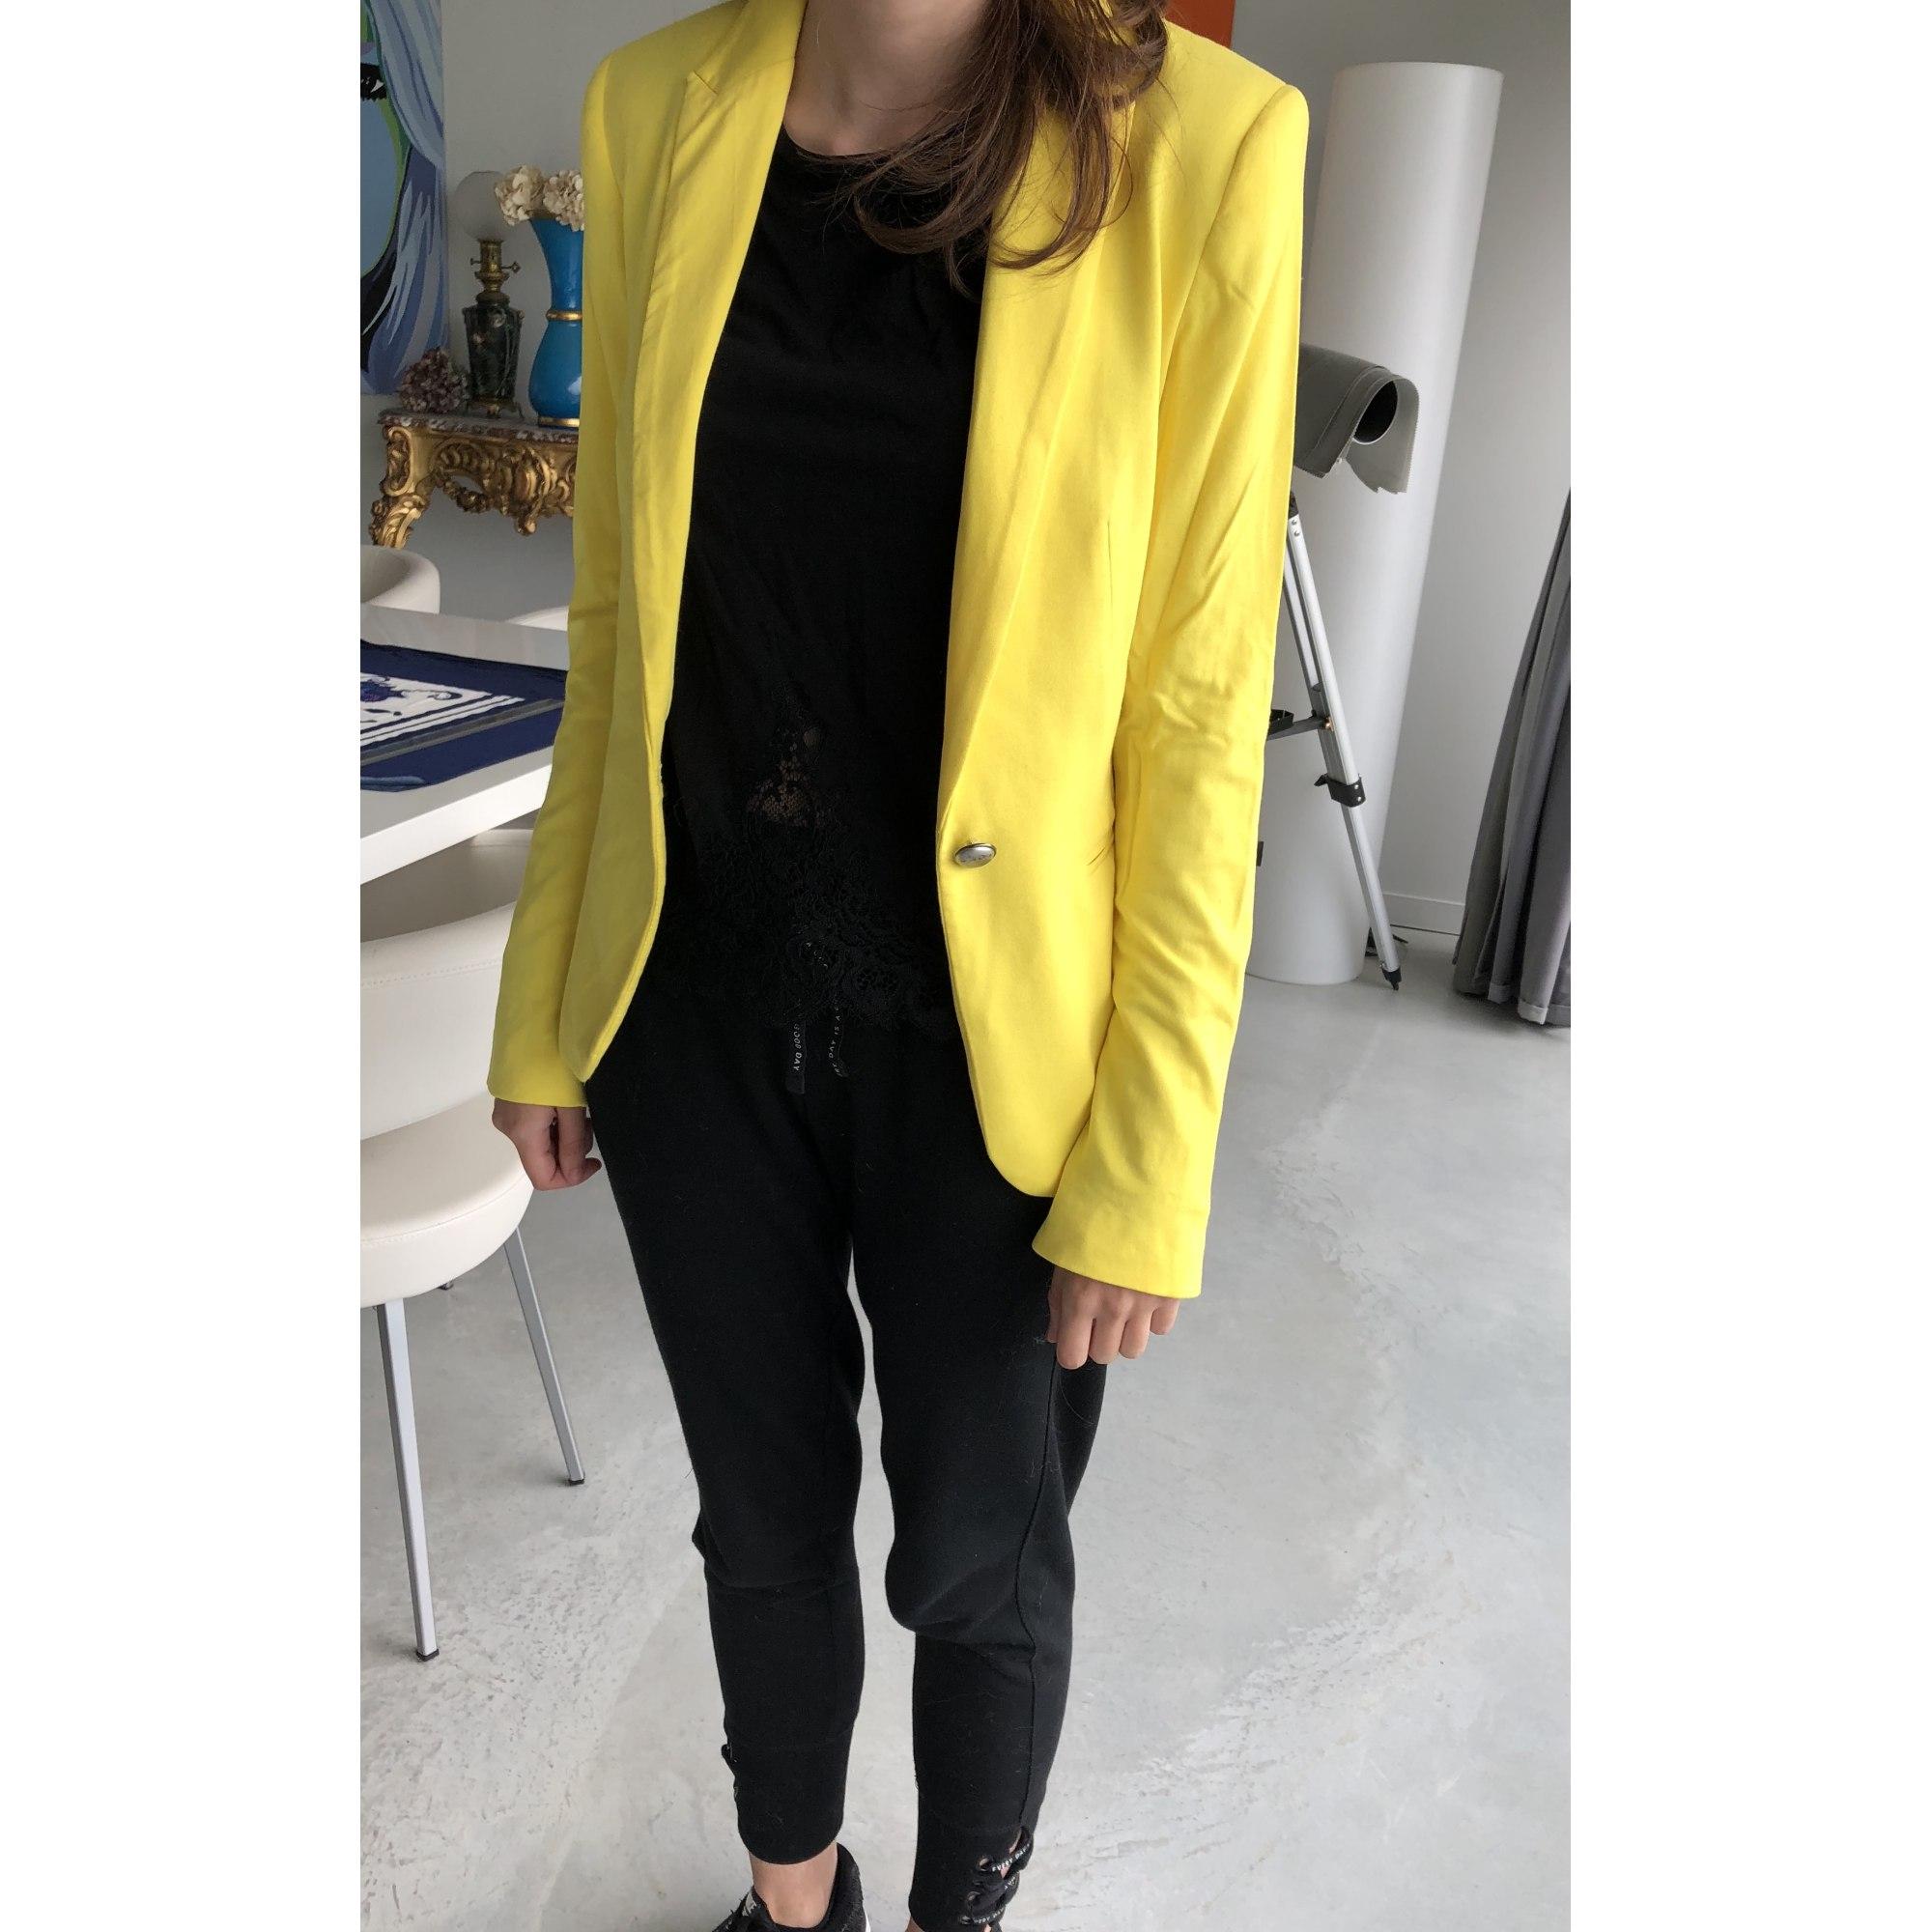 Modèles – De Vestes Zara Veste Populaires Jaune Femme Tailleur 9WE2beDHYI